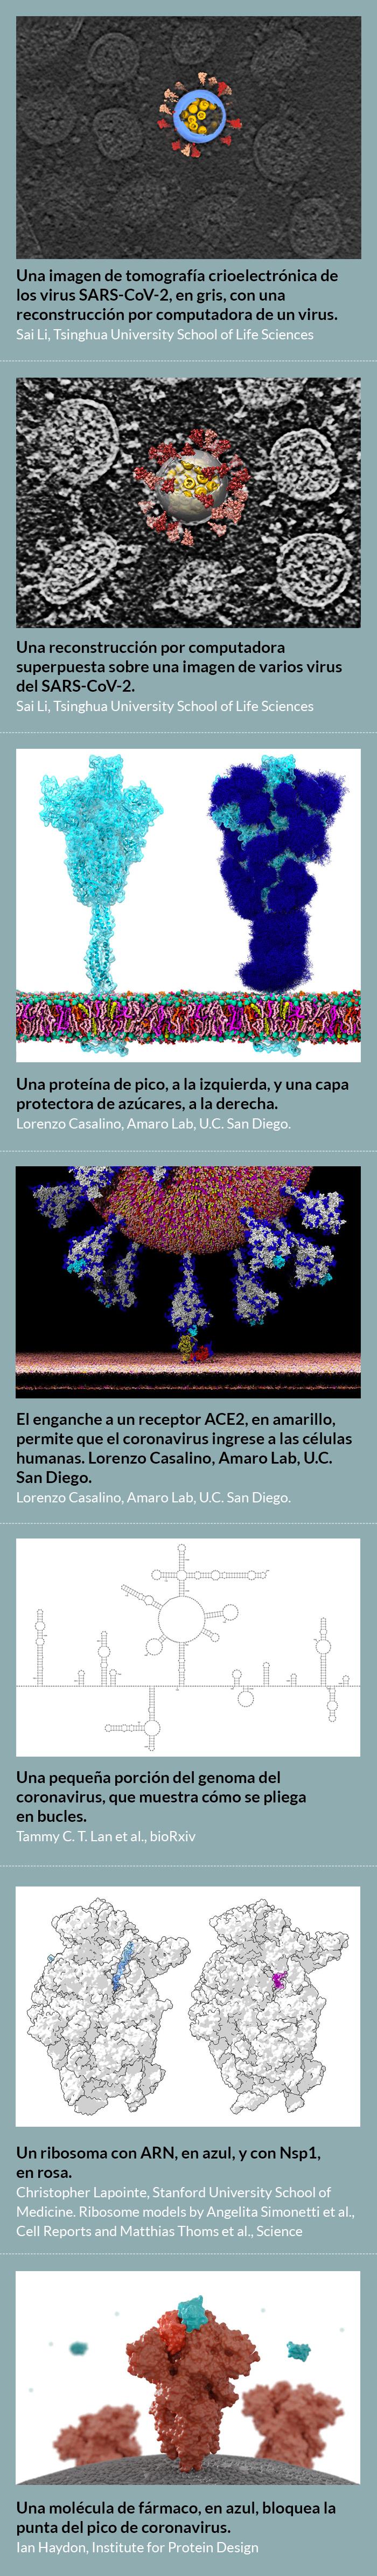 Las imágenes del coronavirus como nunca antes se había visto 1